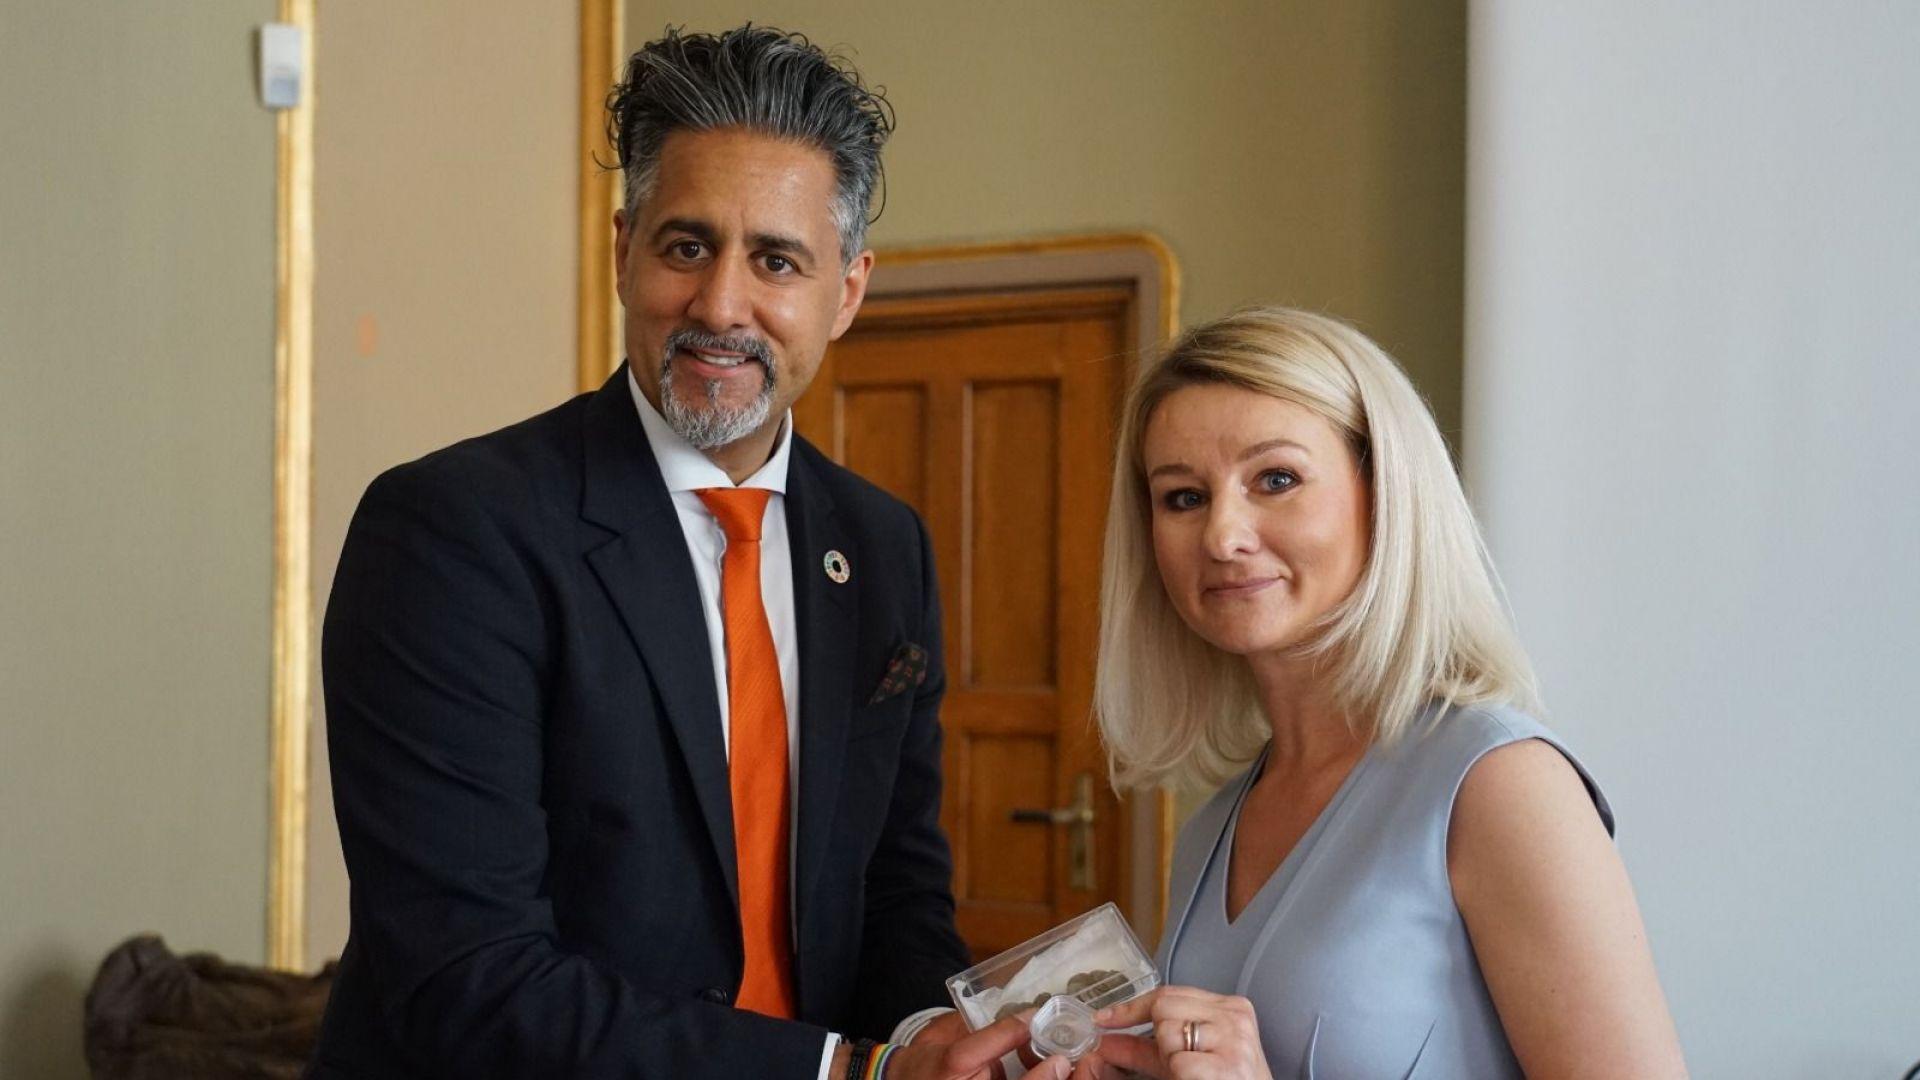 На официална церемония в Историческия музей на Осло посланик Шатилова благодари на министър Раджа